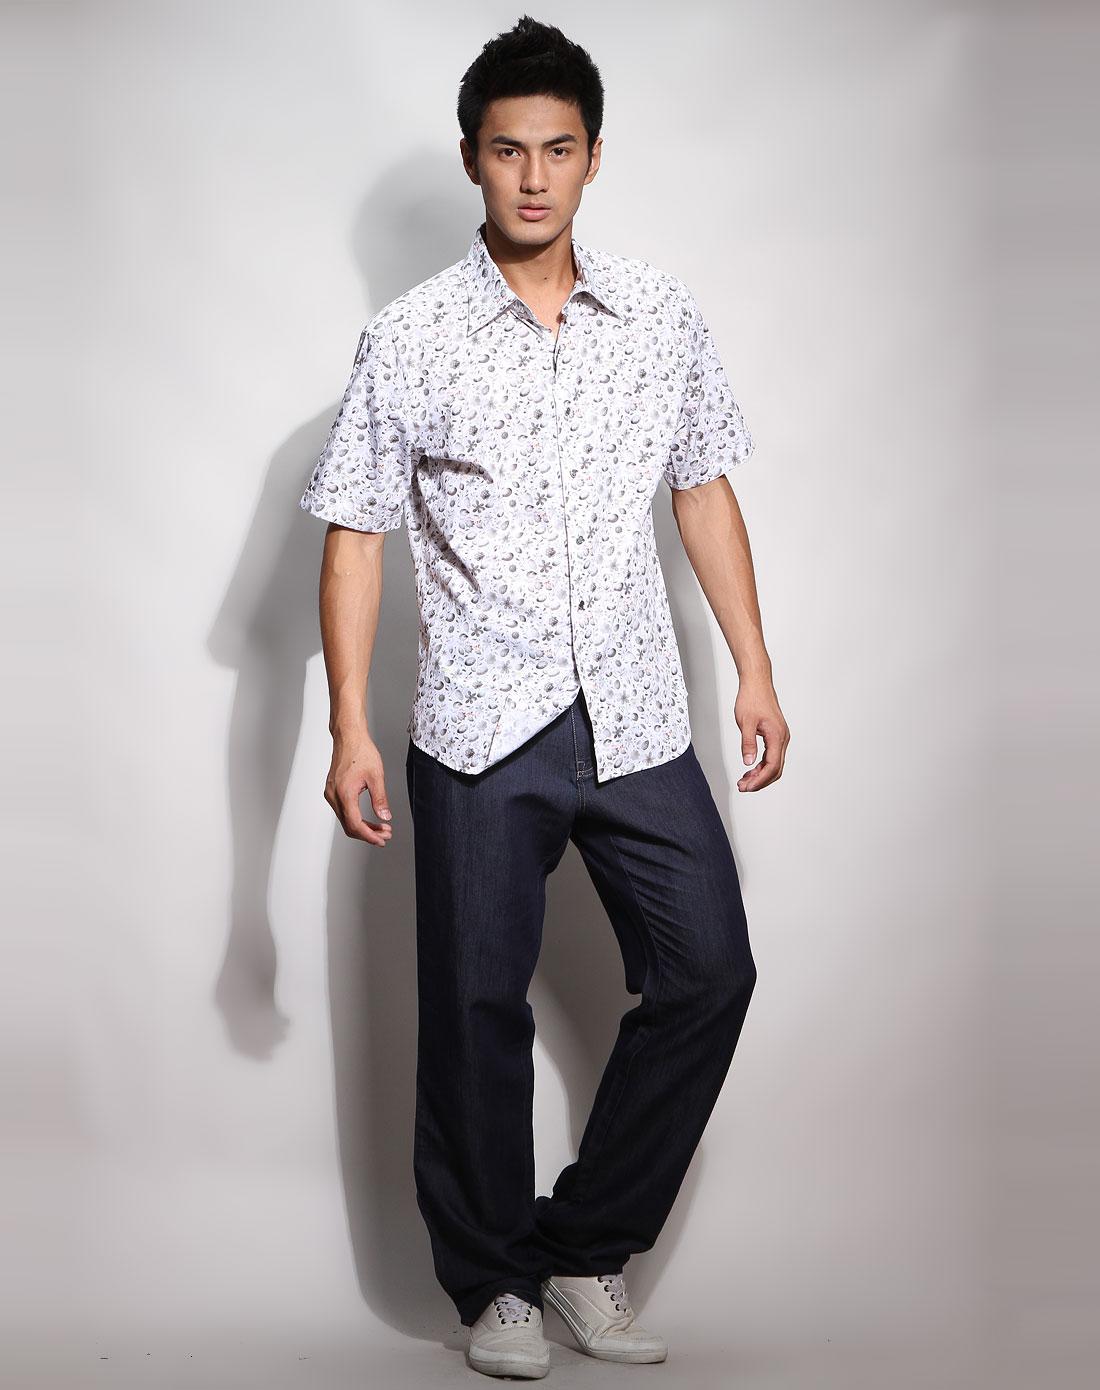 男款白底/灰色花纹短袖休闲衬衫